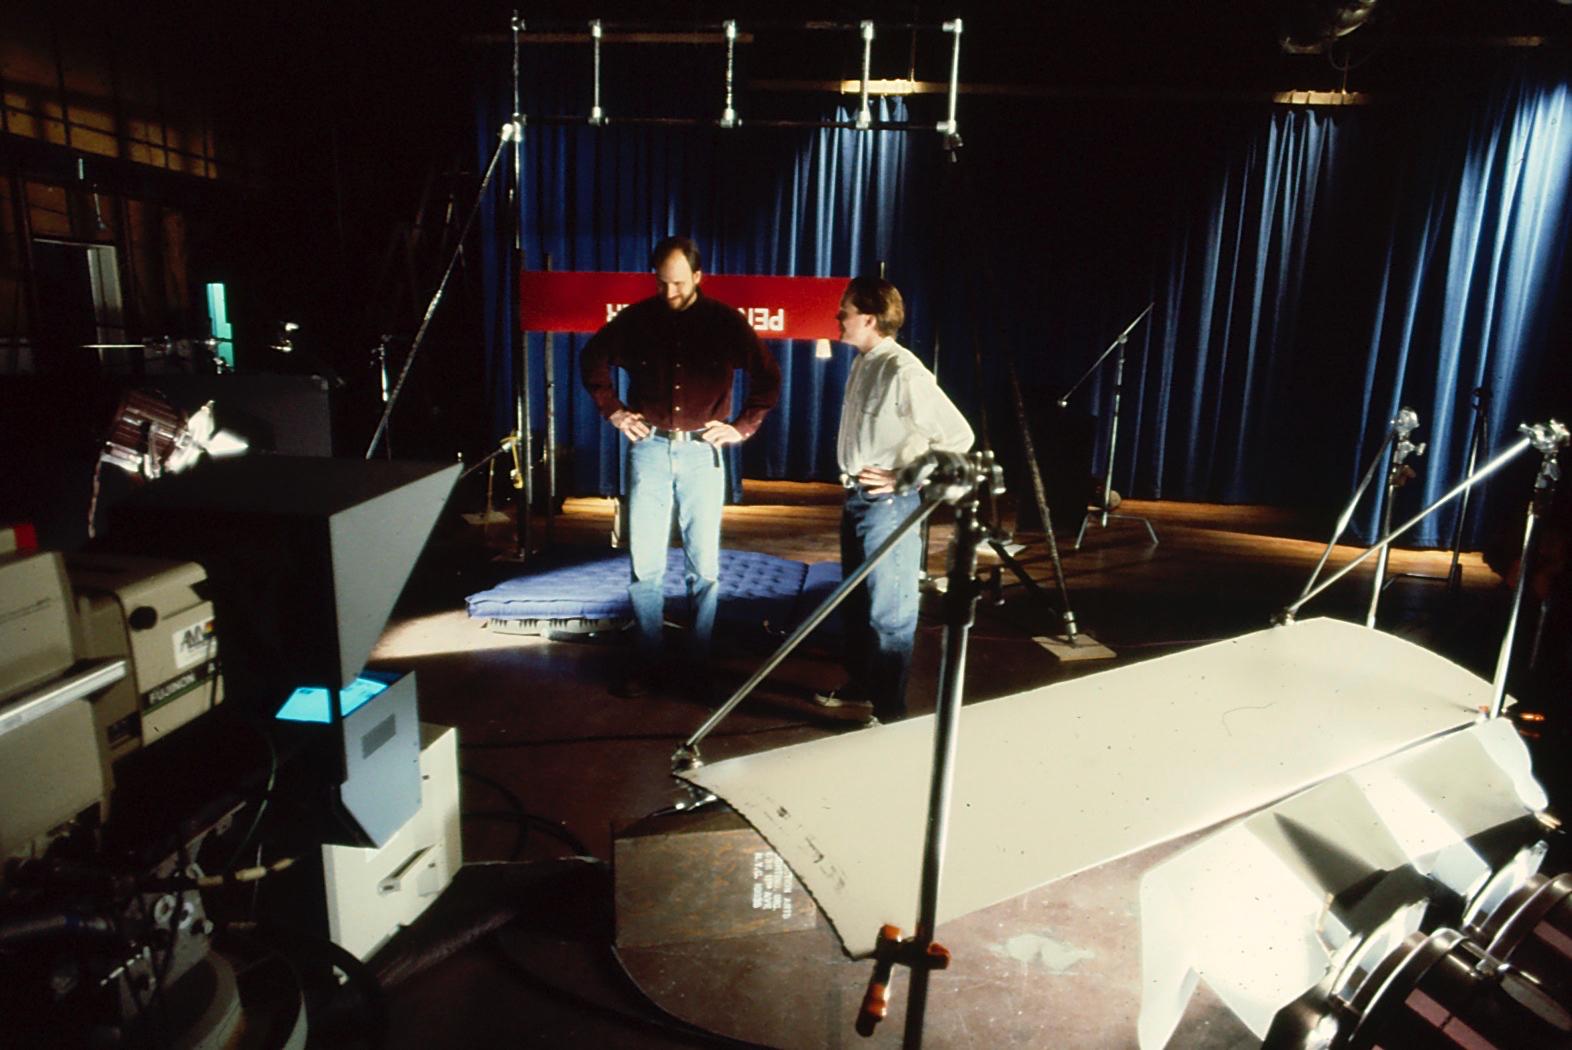 Penn & Teller Shoot in Tribeca